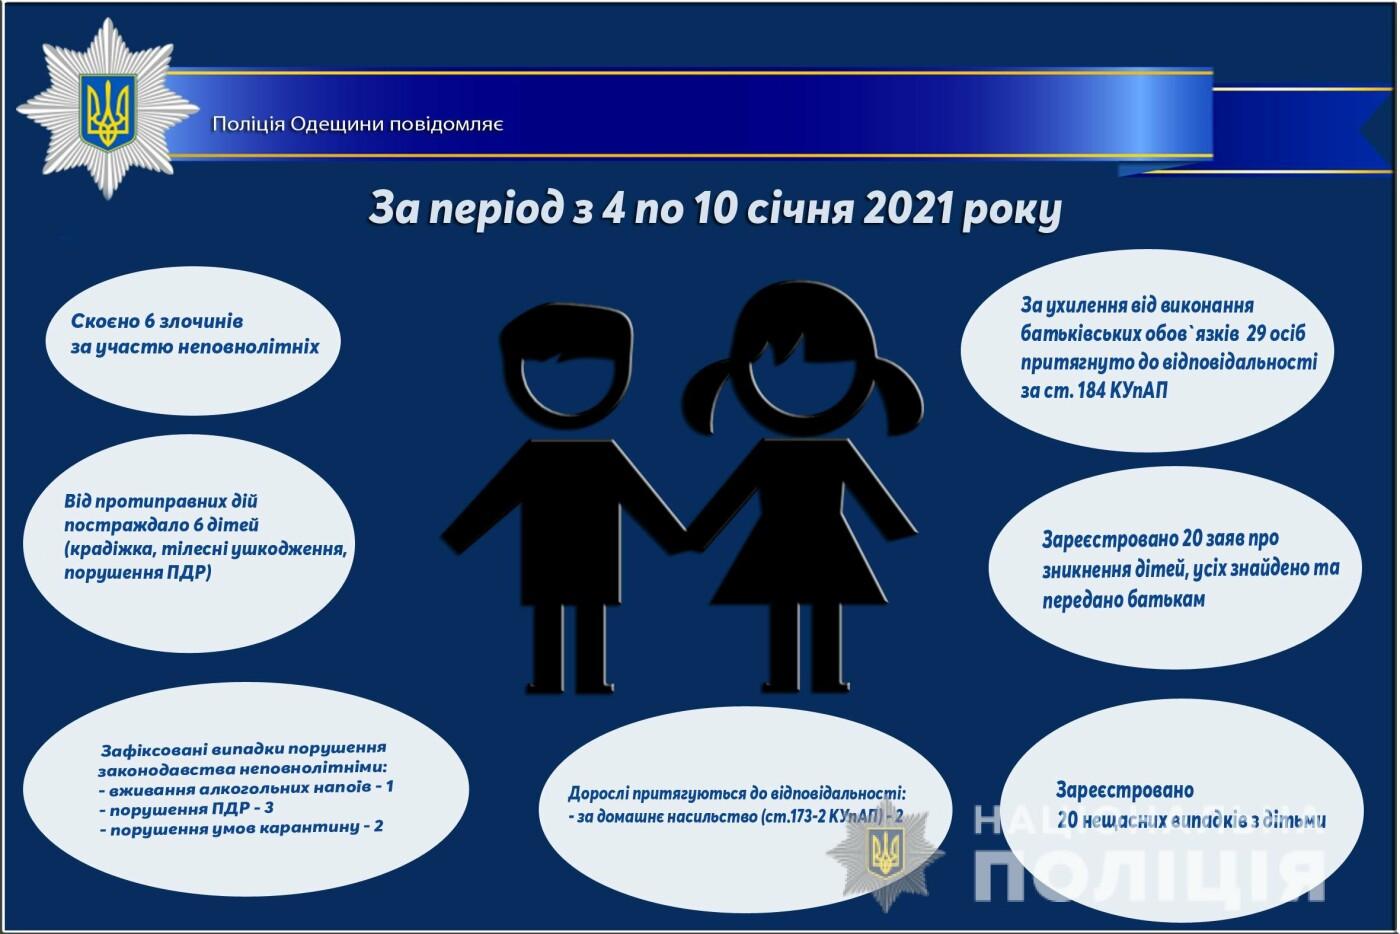 Стало известно, сколько детей пропало в Одесской области за неделю, - ФОТО, фото-1